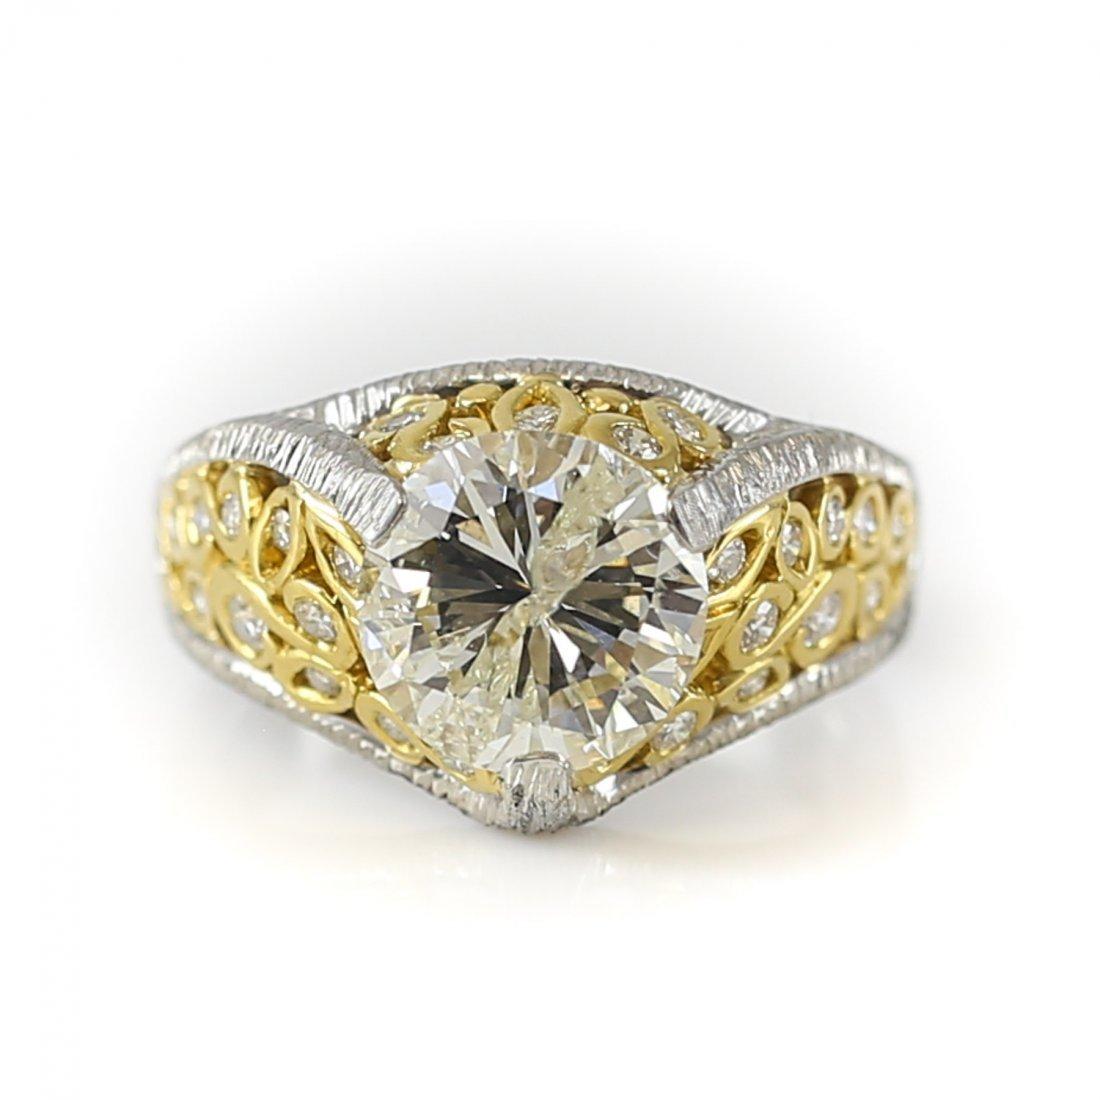 Mario Buccellati Platinum, 18k & Diamond  Ring 2.60ct